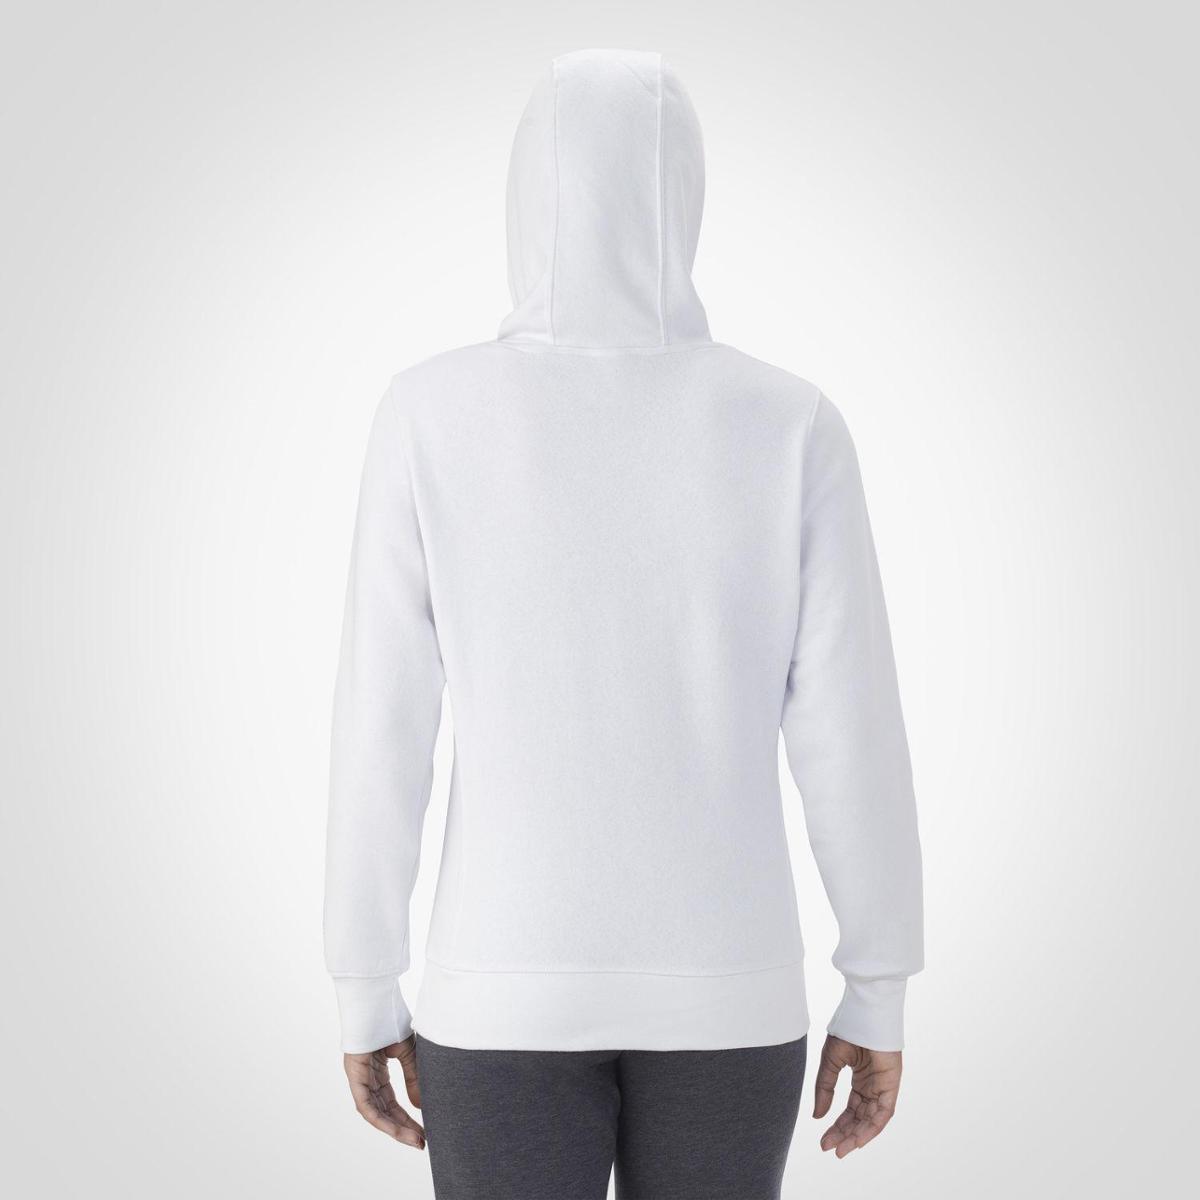 8861193cee Moletom Polo Blu Canguru Feminino - Branco - Compre Agora